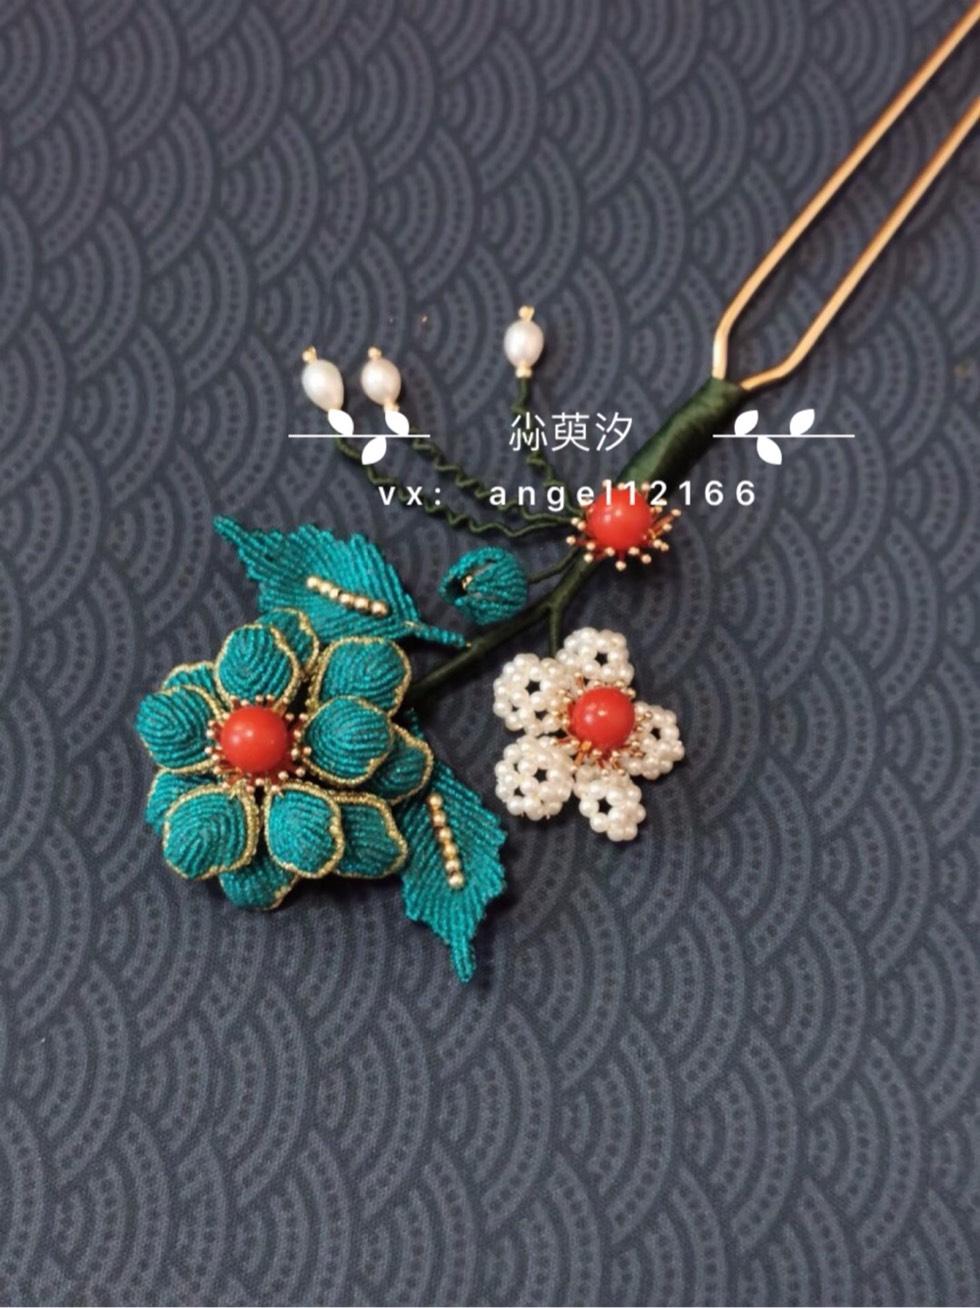 中国结论坛 仿点翠花簪系列 系列,翠花,点翠 作品展示 163818urtzuses7tttotz7